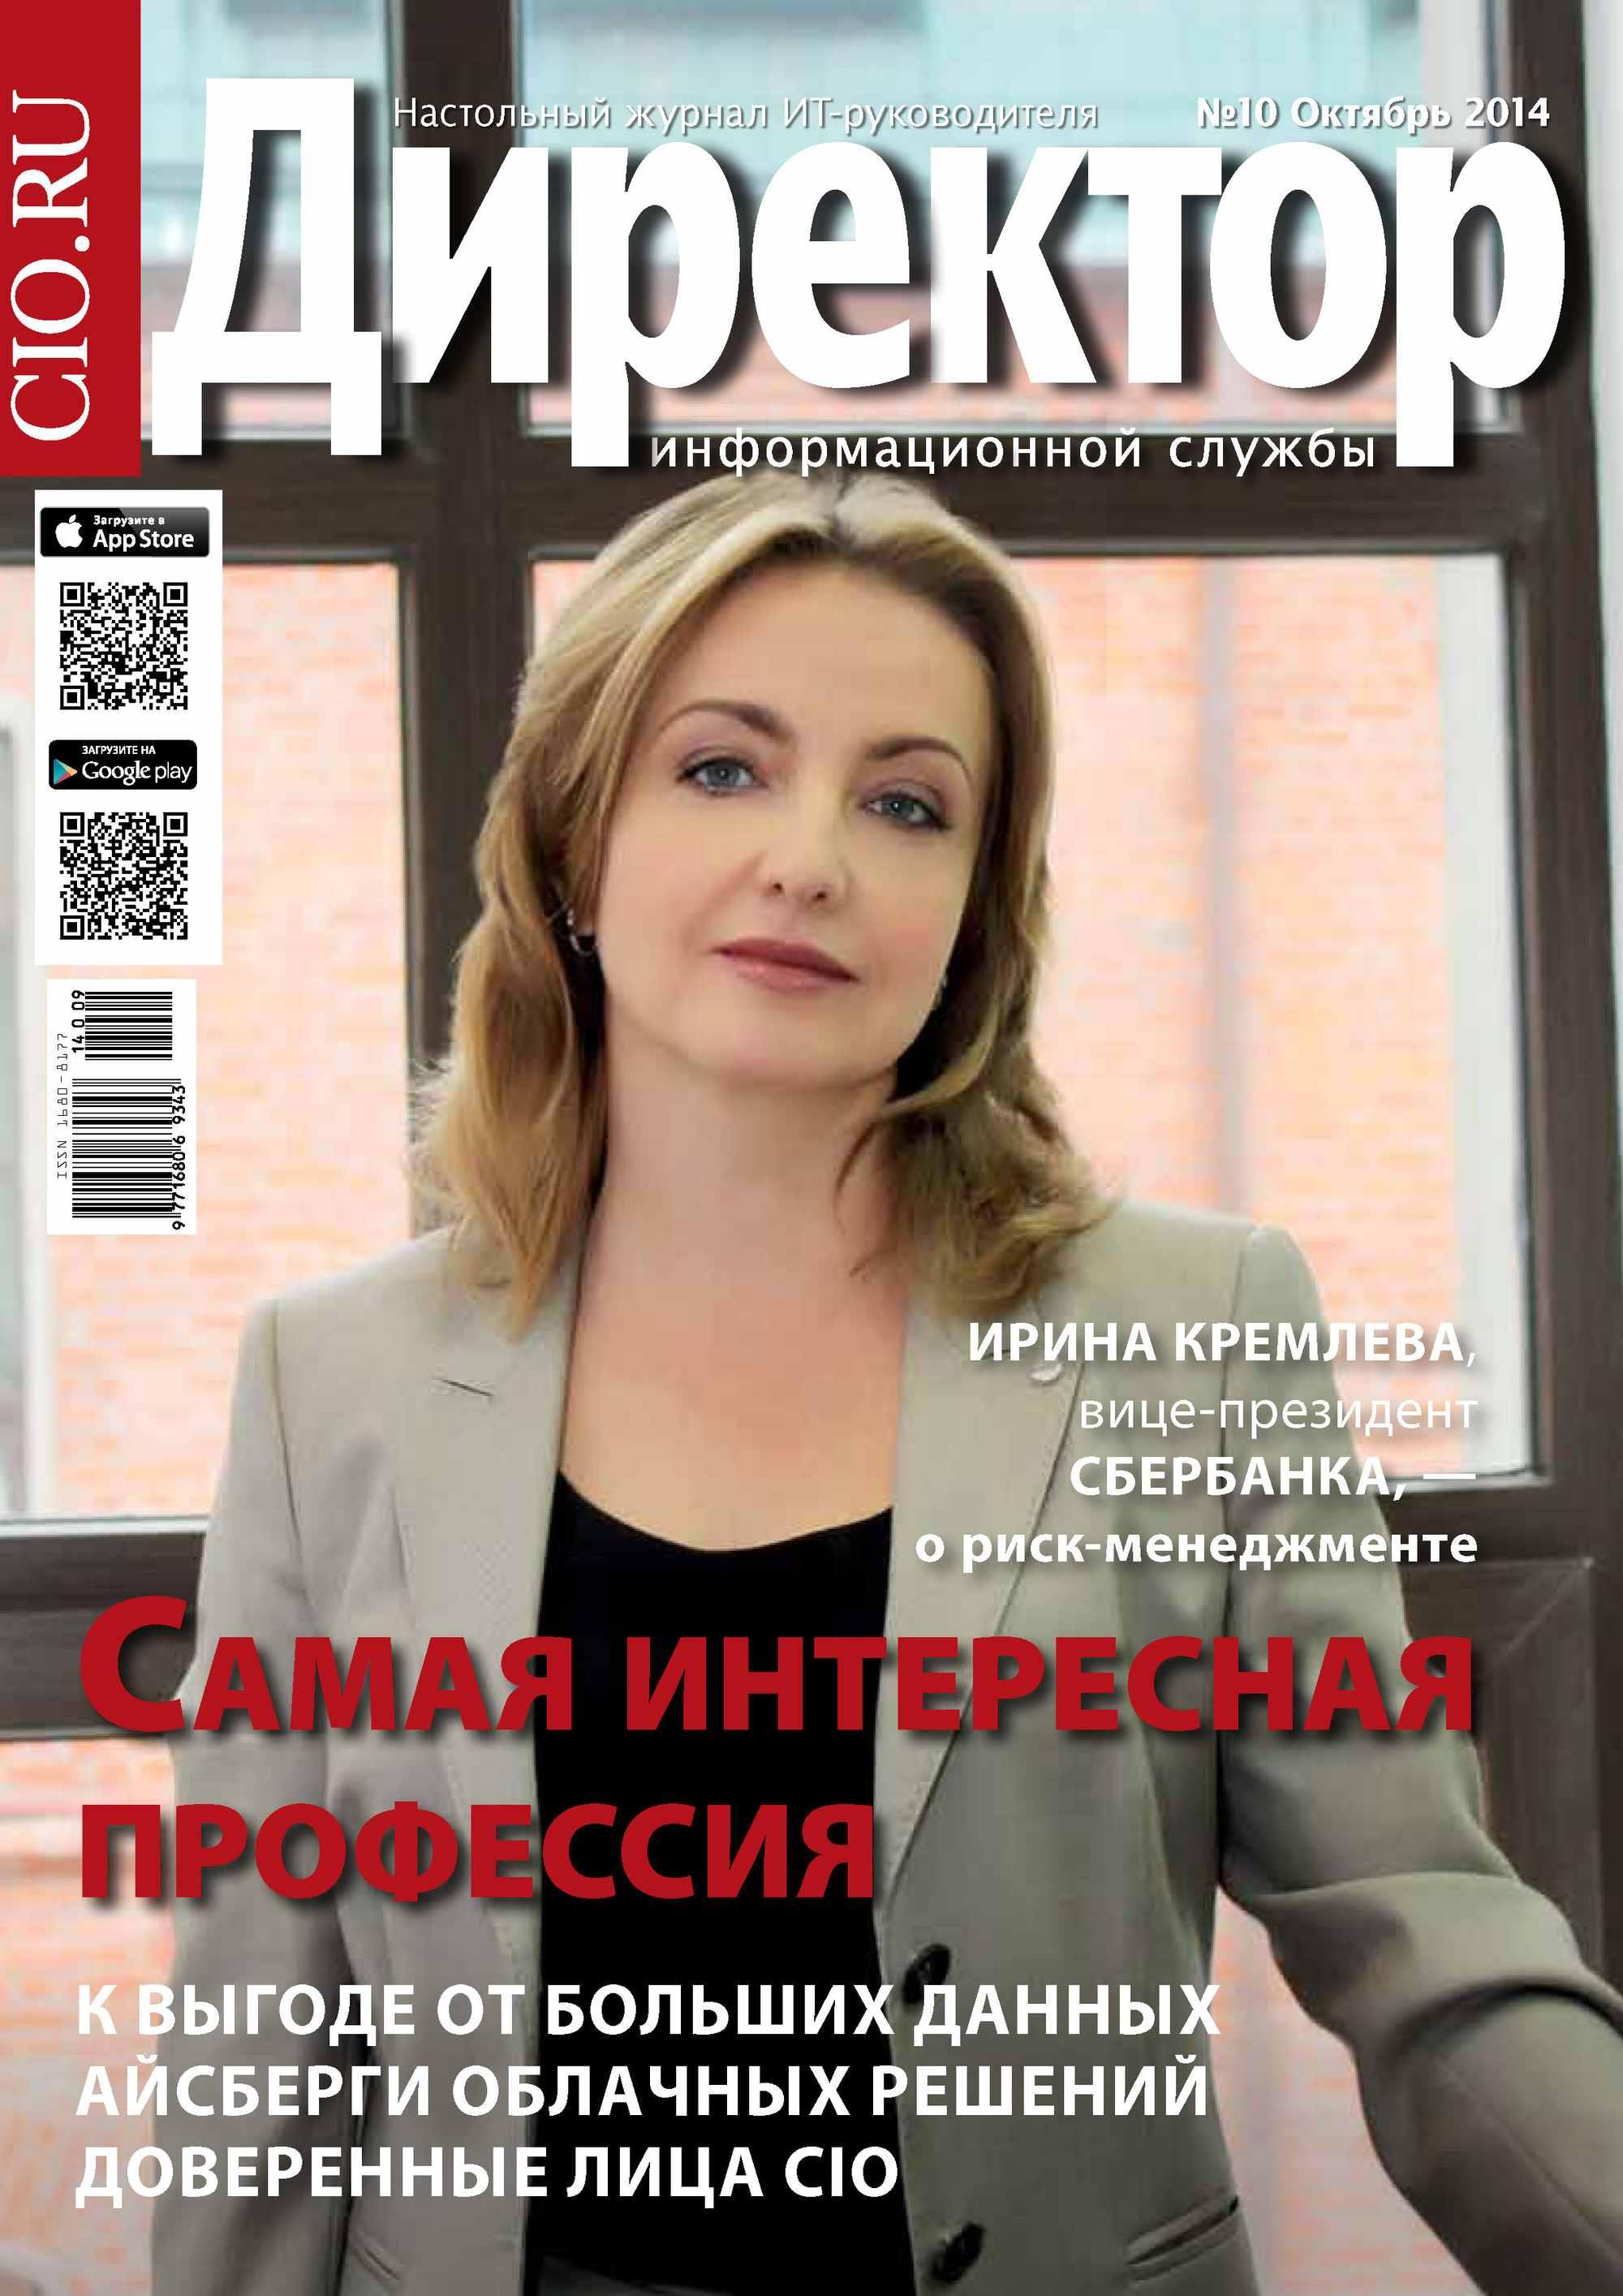 Открытые системы Директор информационной службы №10/2014